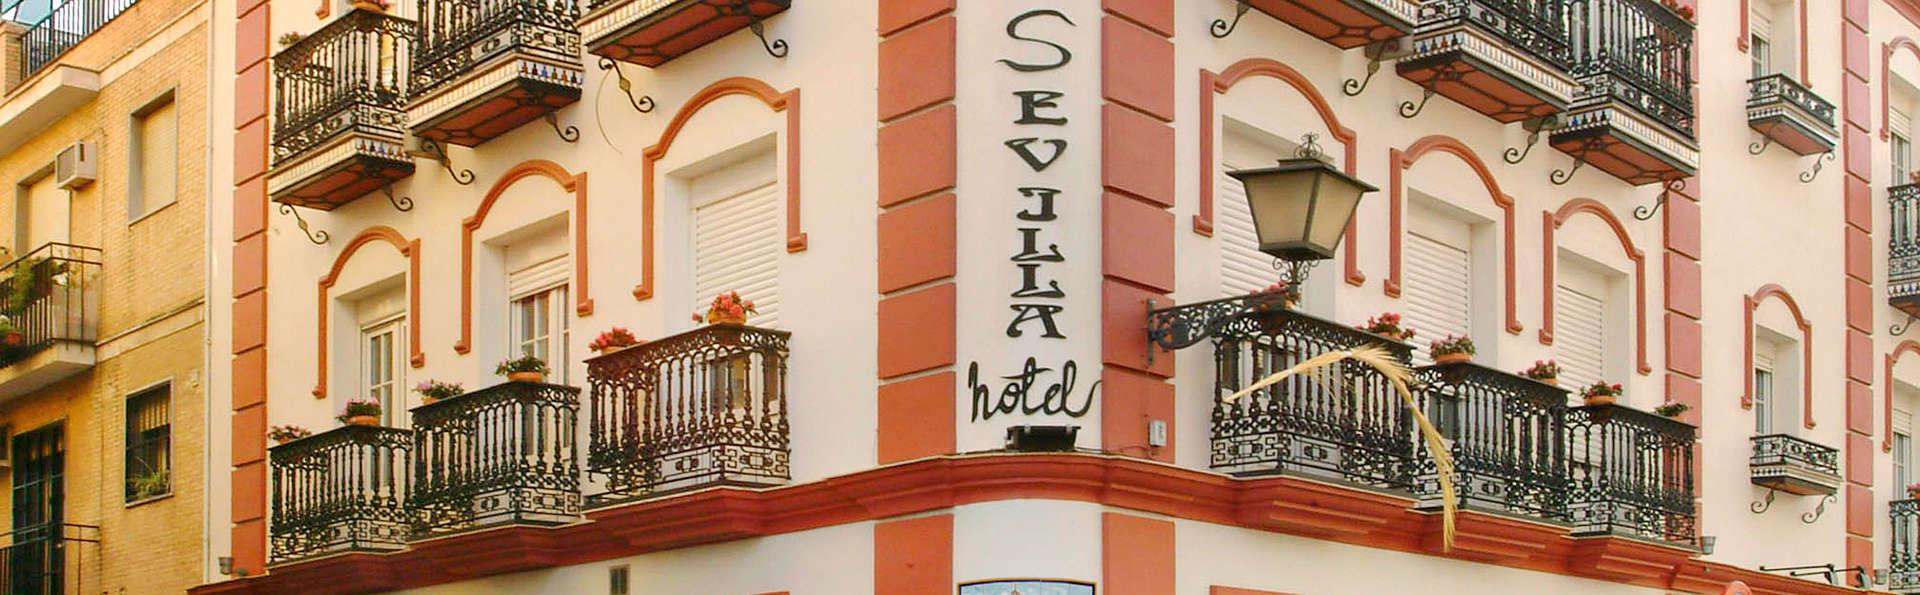 Alcoba del Rey de Sevilla Boutique Hotel - EDIT_front.jpg